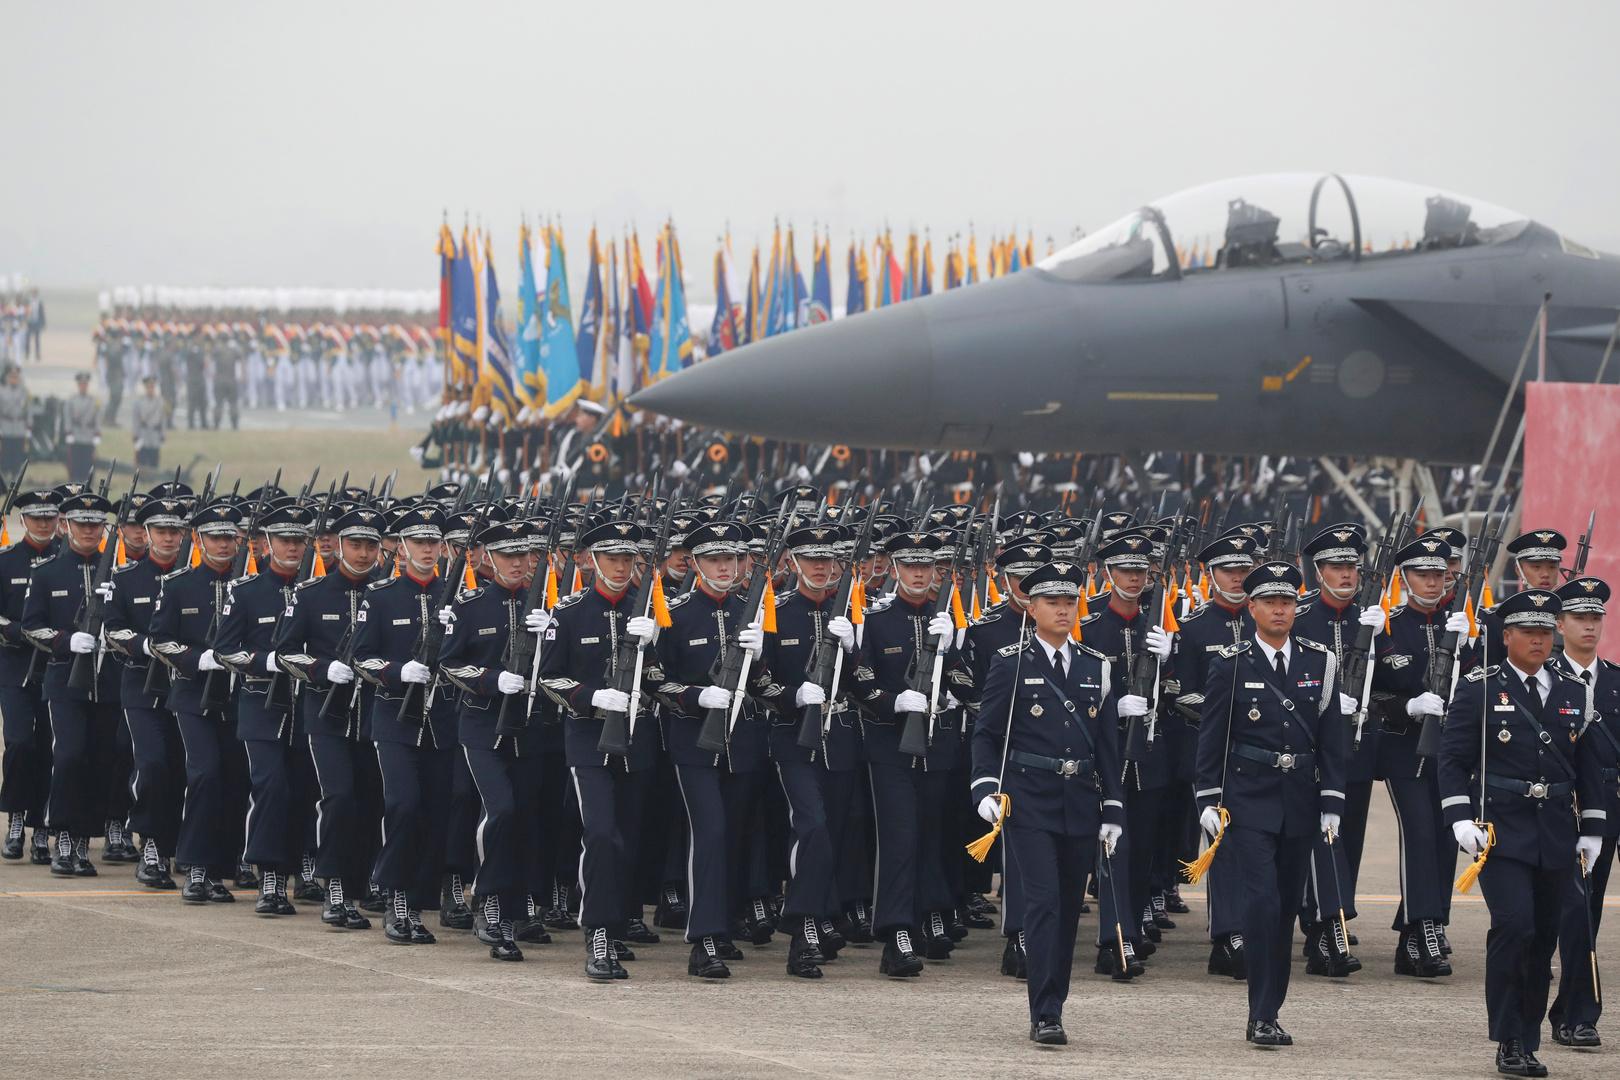 كوريا الجنوبية سادس قوة عسكرية عالمية والشمالية في المرتبة 25